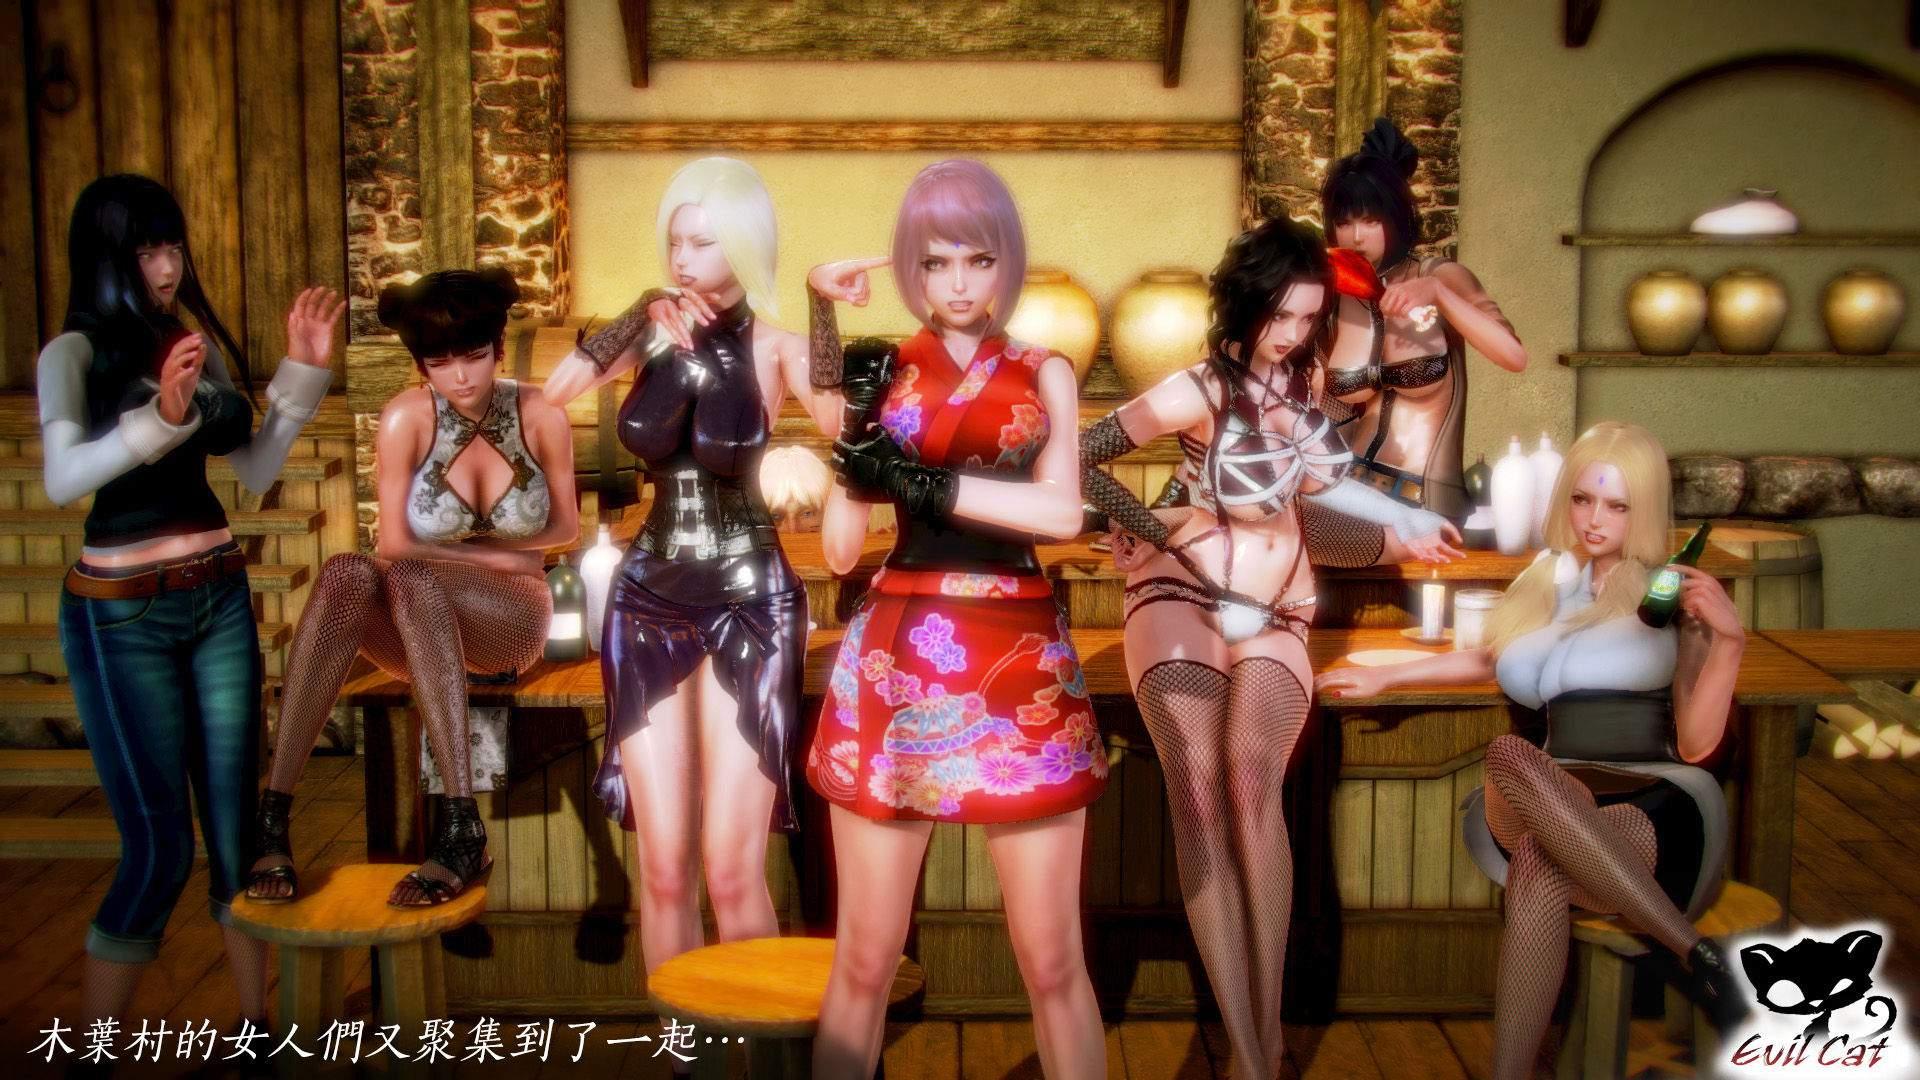 火影忍者-木葉村的女人們1-7+短篇V2 CG/画集-第1张